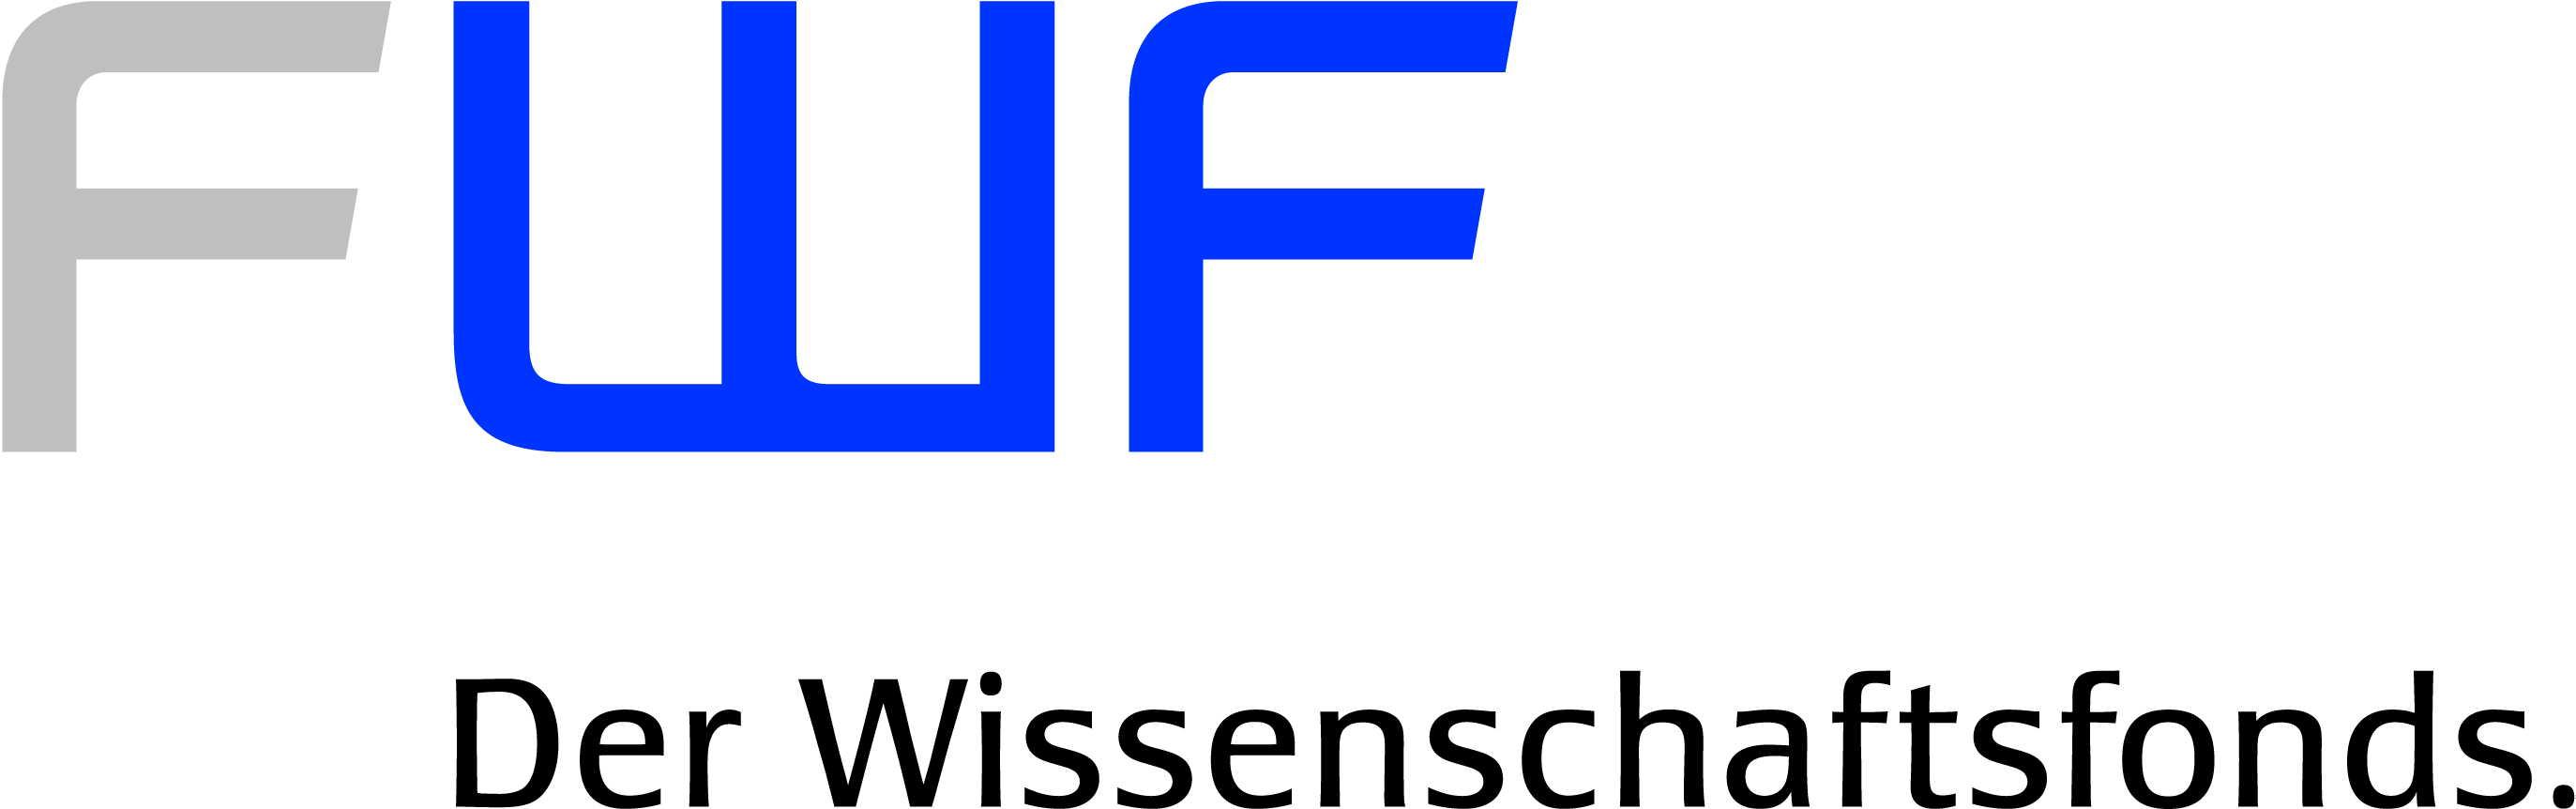 FWF Der Wissenschaftsfonds.